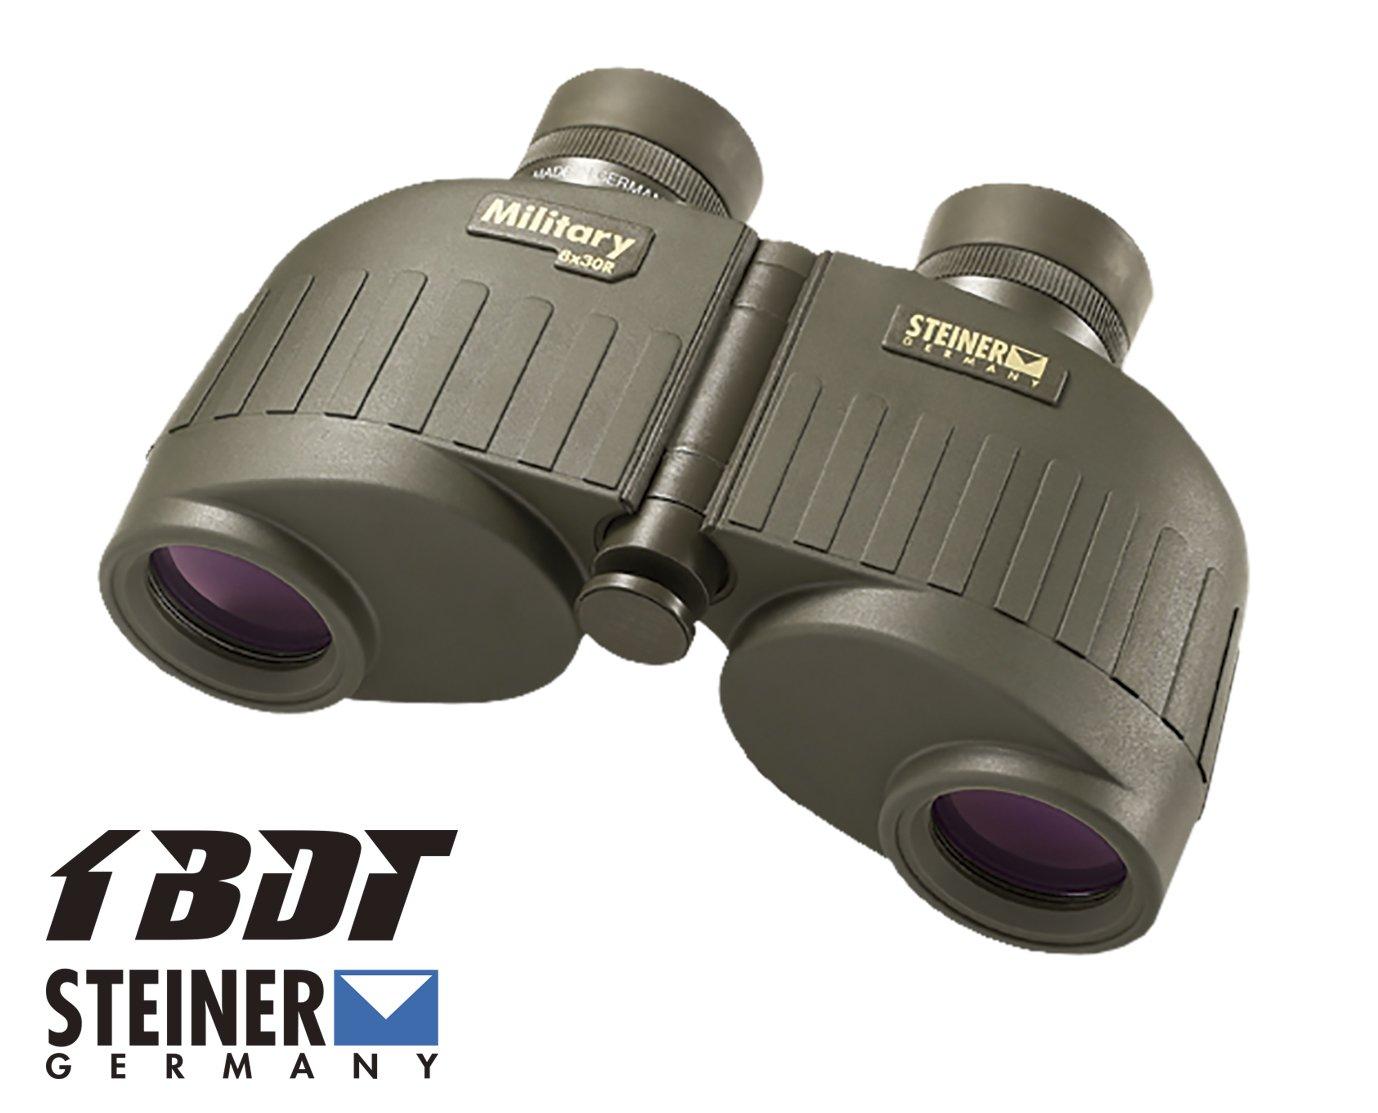 双眼鏡 STEINER/シュタイナー M1050r 正規軍用モデル【BDT/ベレッタディフェンステクノロジーズ 日本正規代理店】